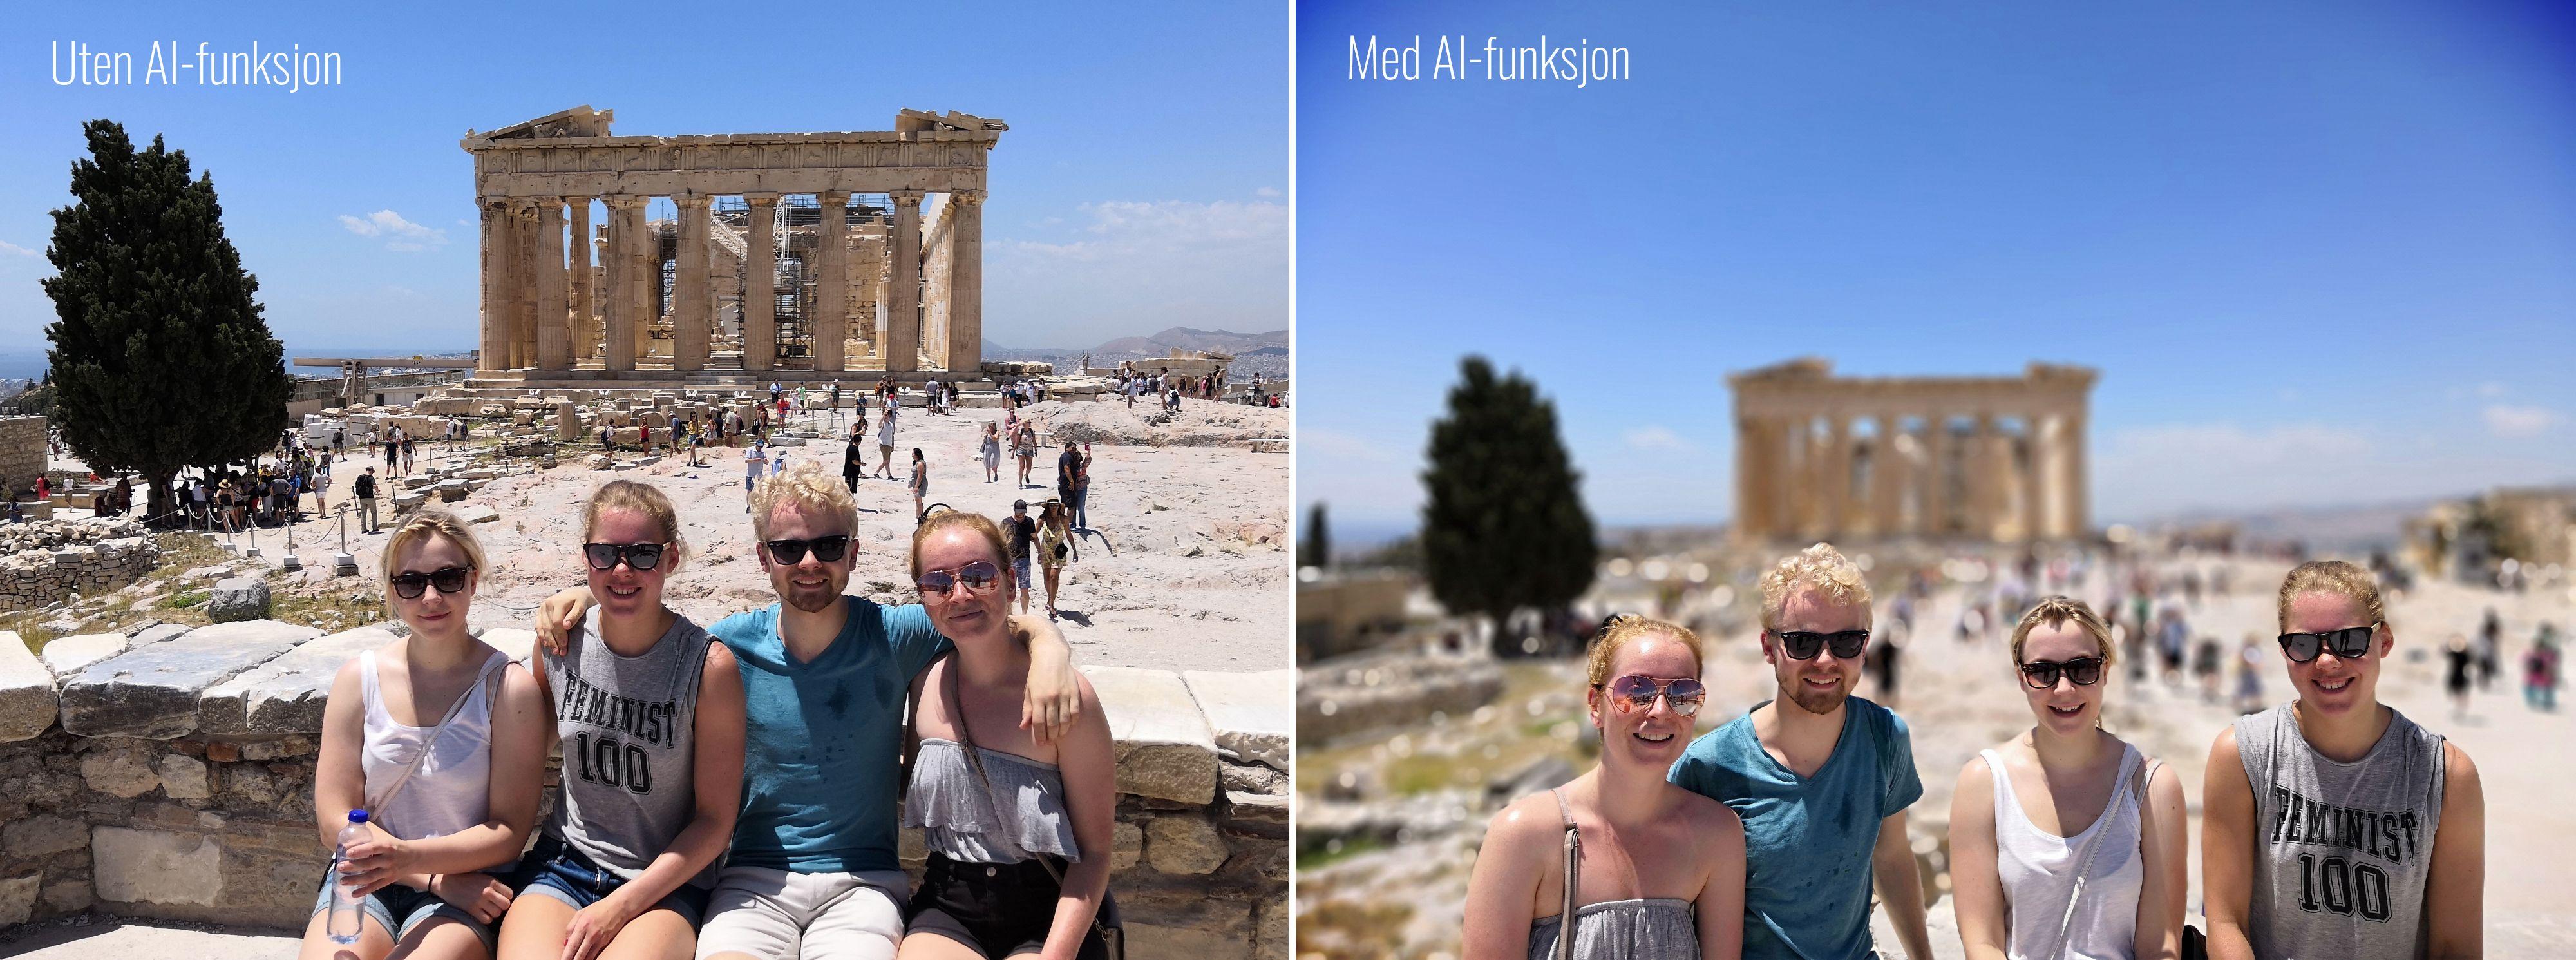 AI-modusen gir automatisk uklar bakgrunn på bilder av mennesker.